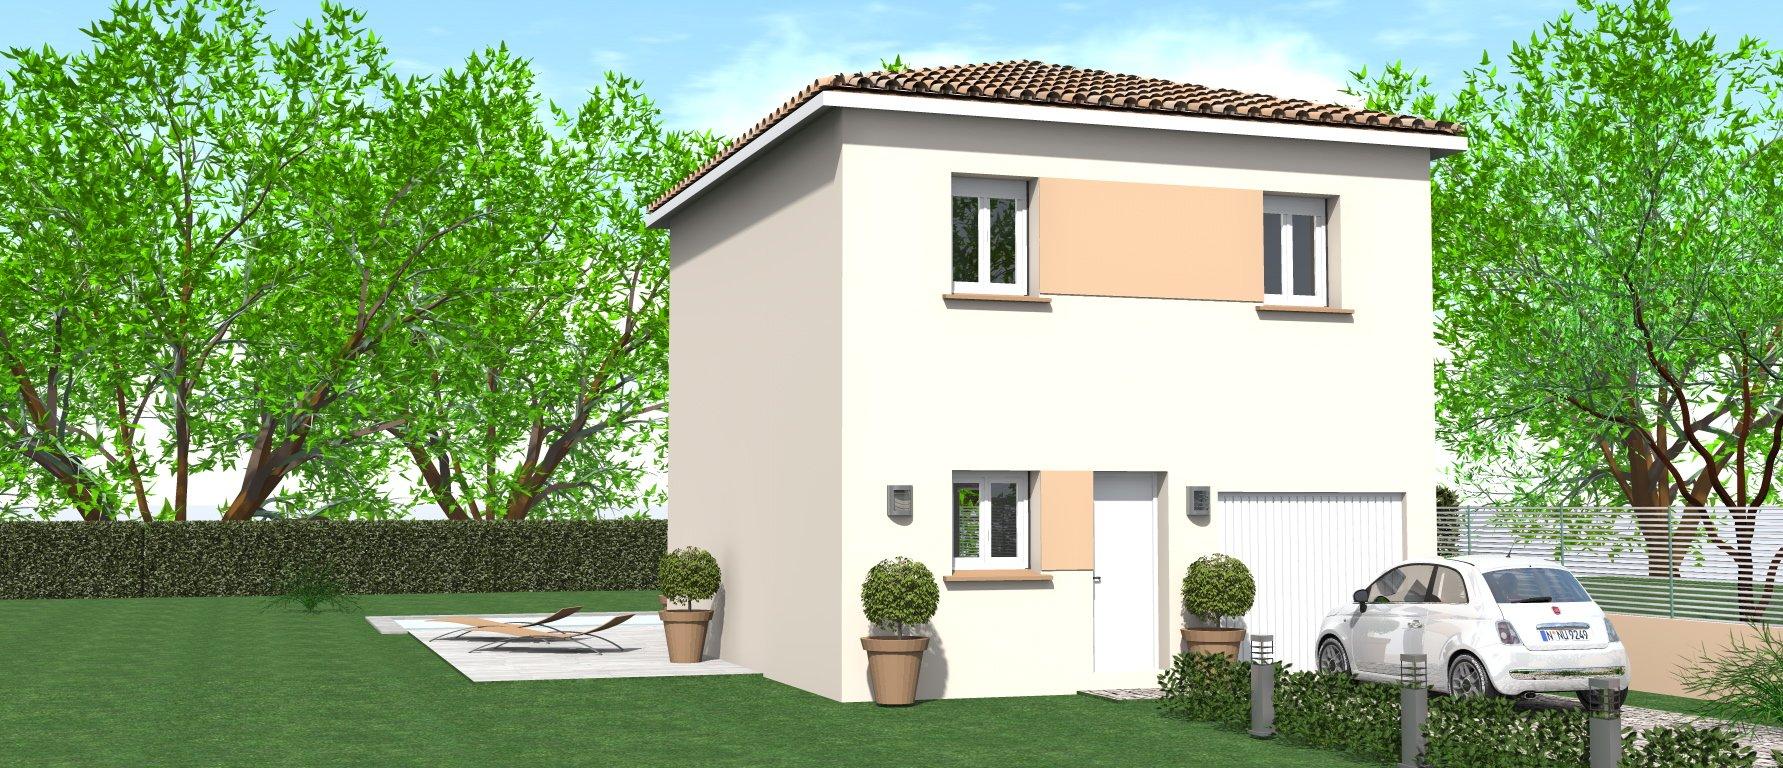 Maisons du constructeur HOME GROUP CONSEILS • 80 m² • CHAMPIER